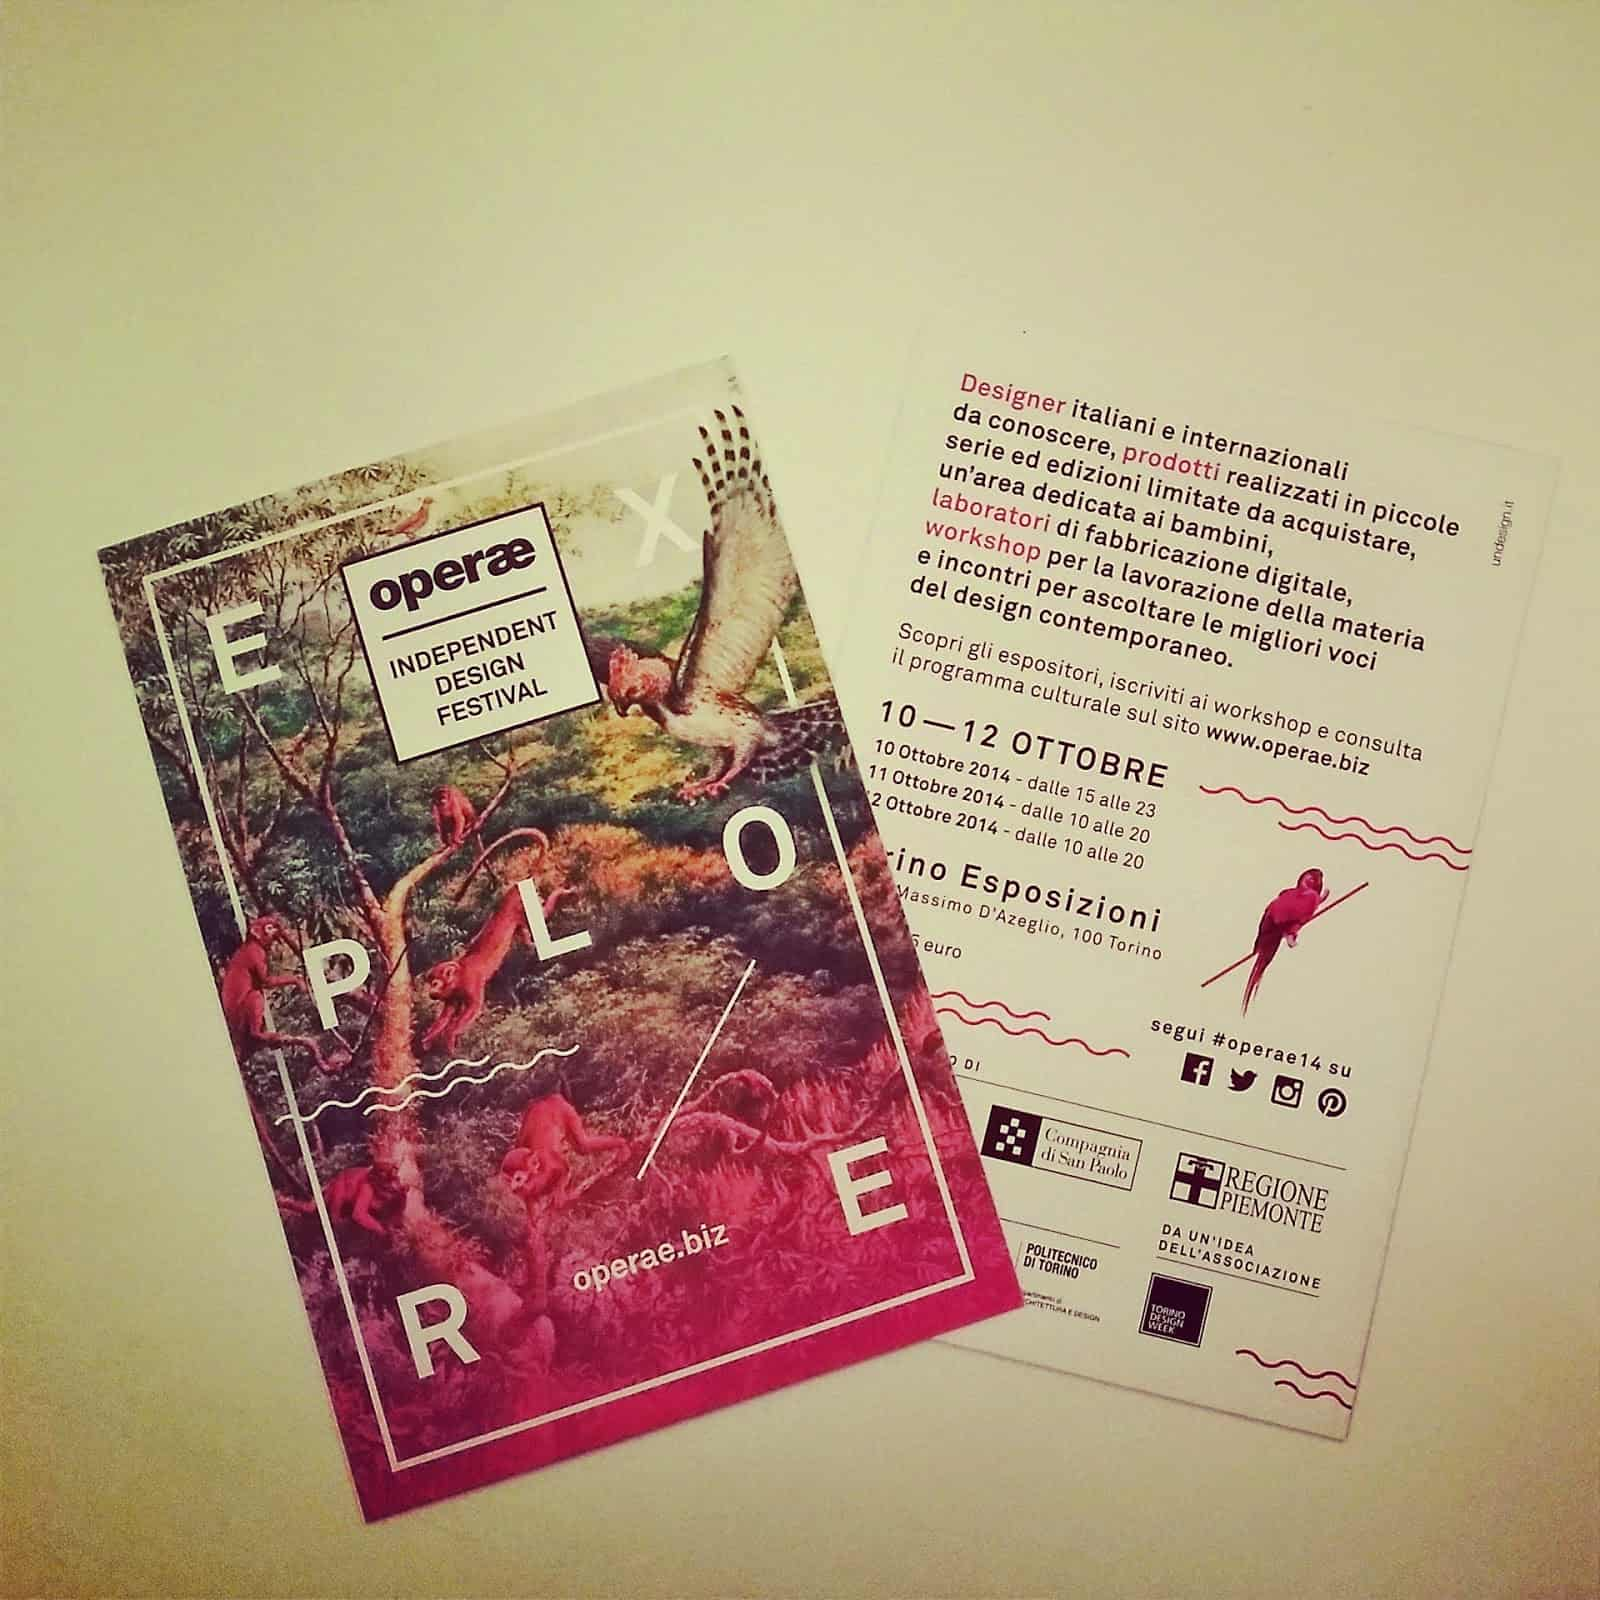 Operae:ritorna il festival del design indipendente